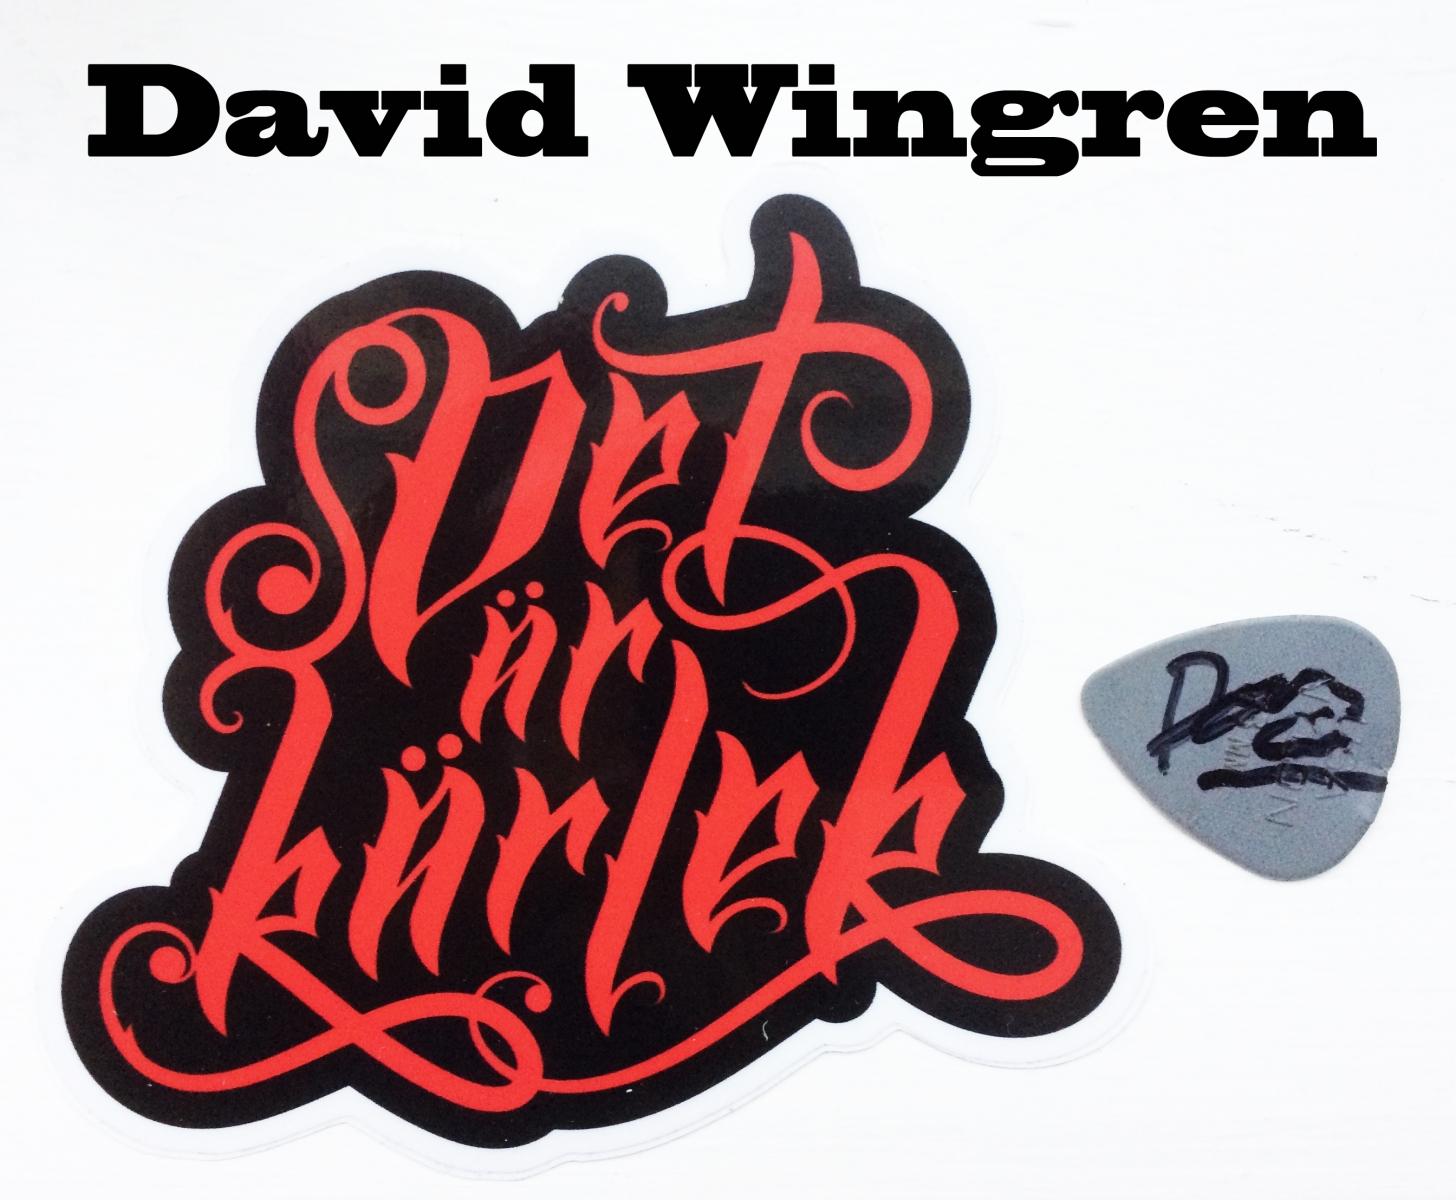 David Wingren